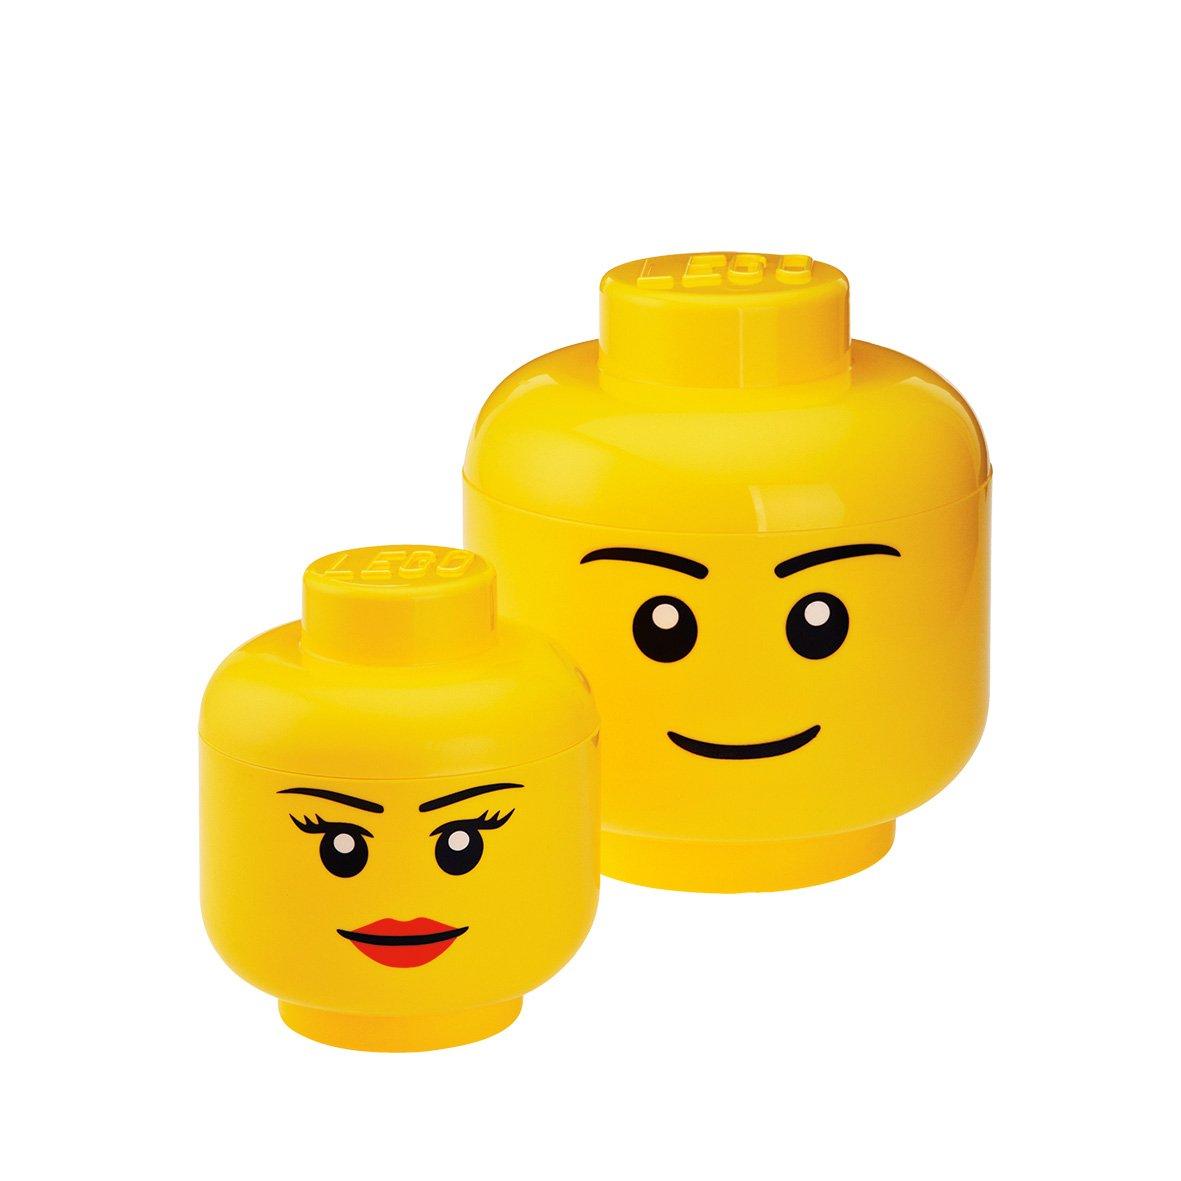 LEGO Storage Head Large Yellow Image 3